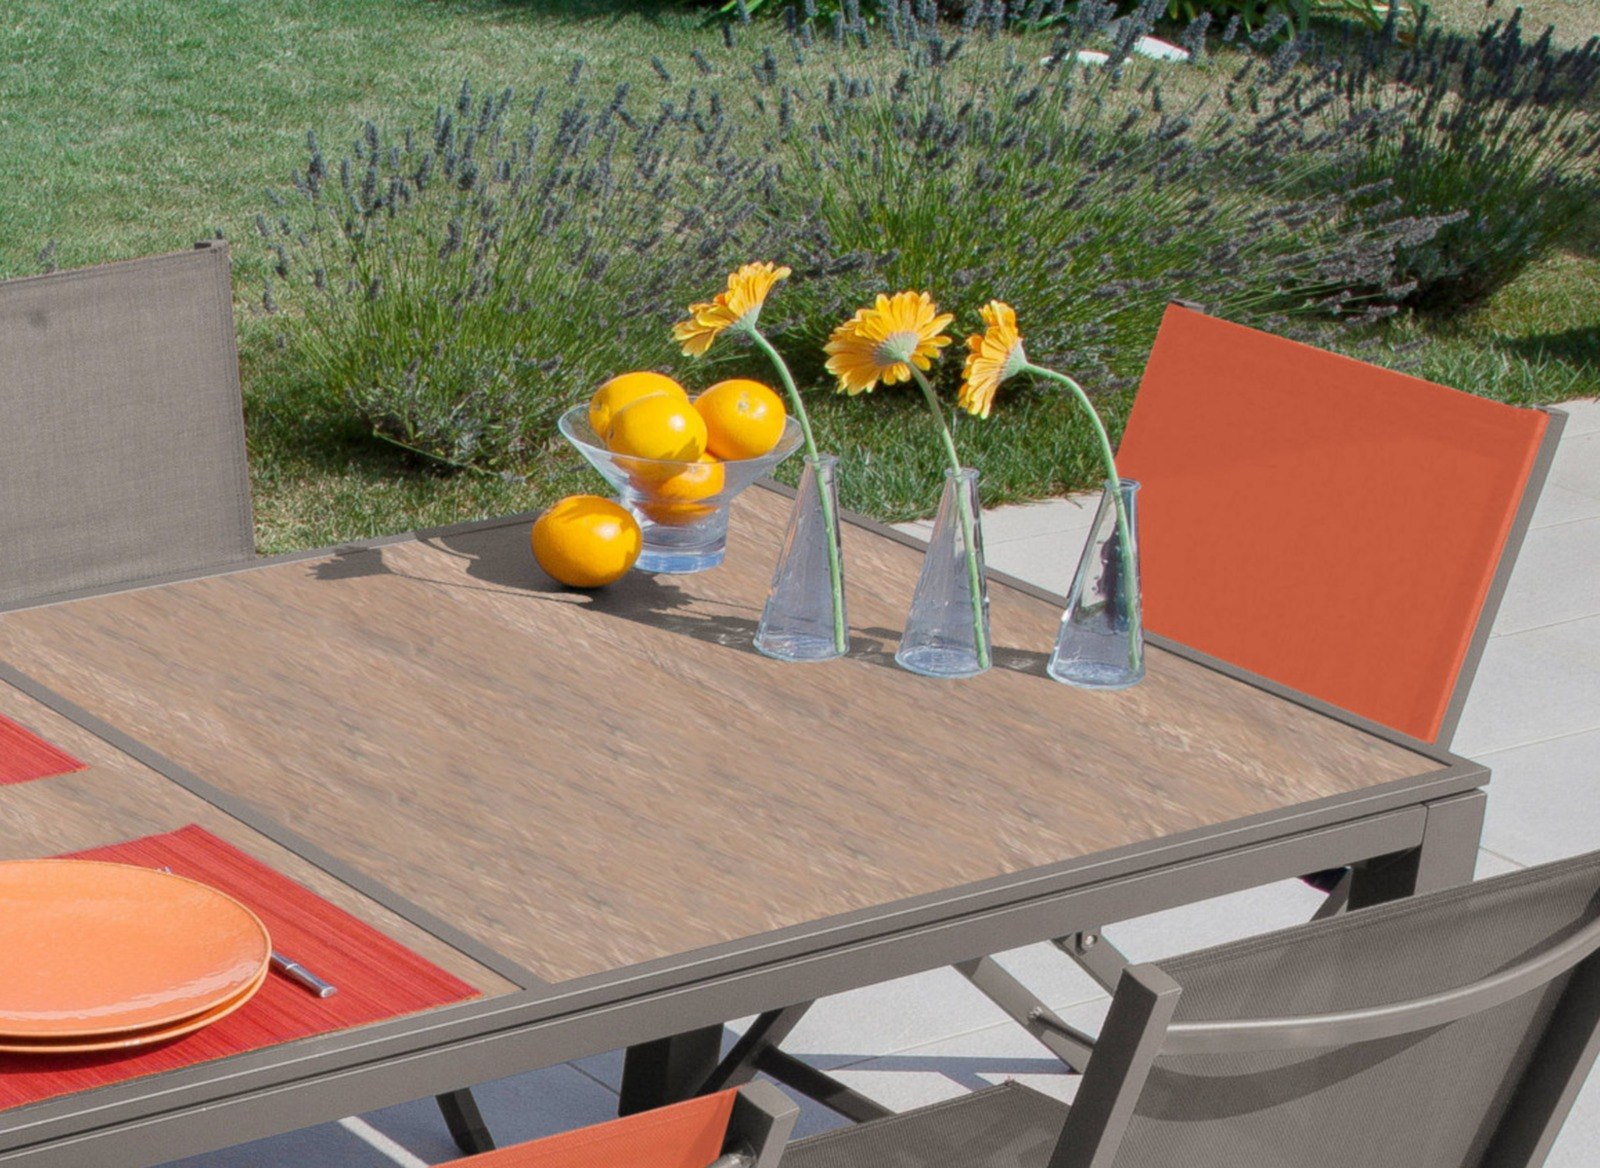 Mobilier Romane Céramique Proloisirs Jardin De Table Plateau luT3cFK1J